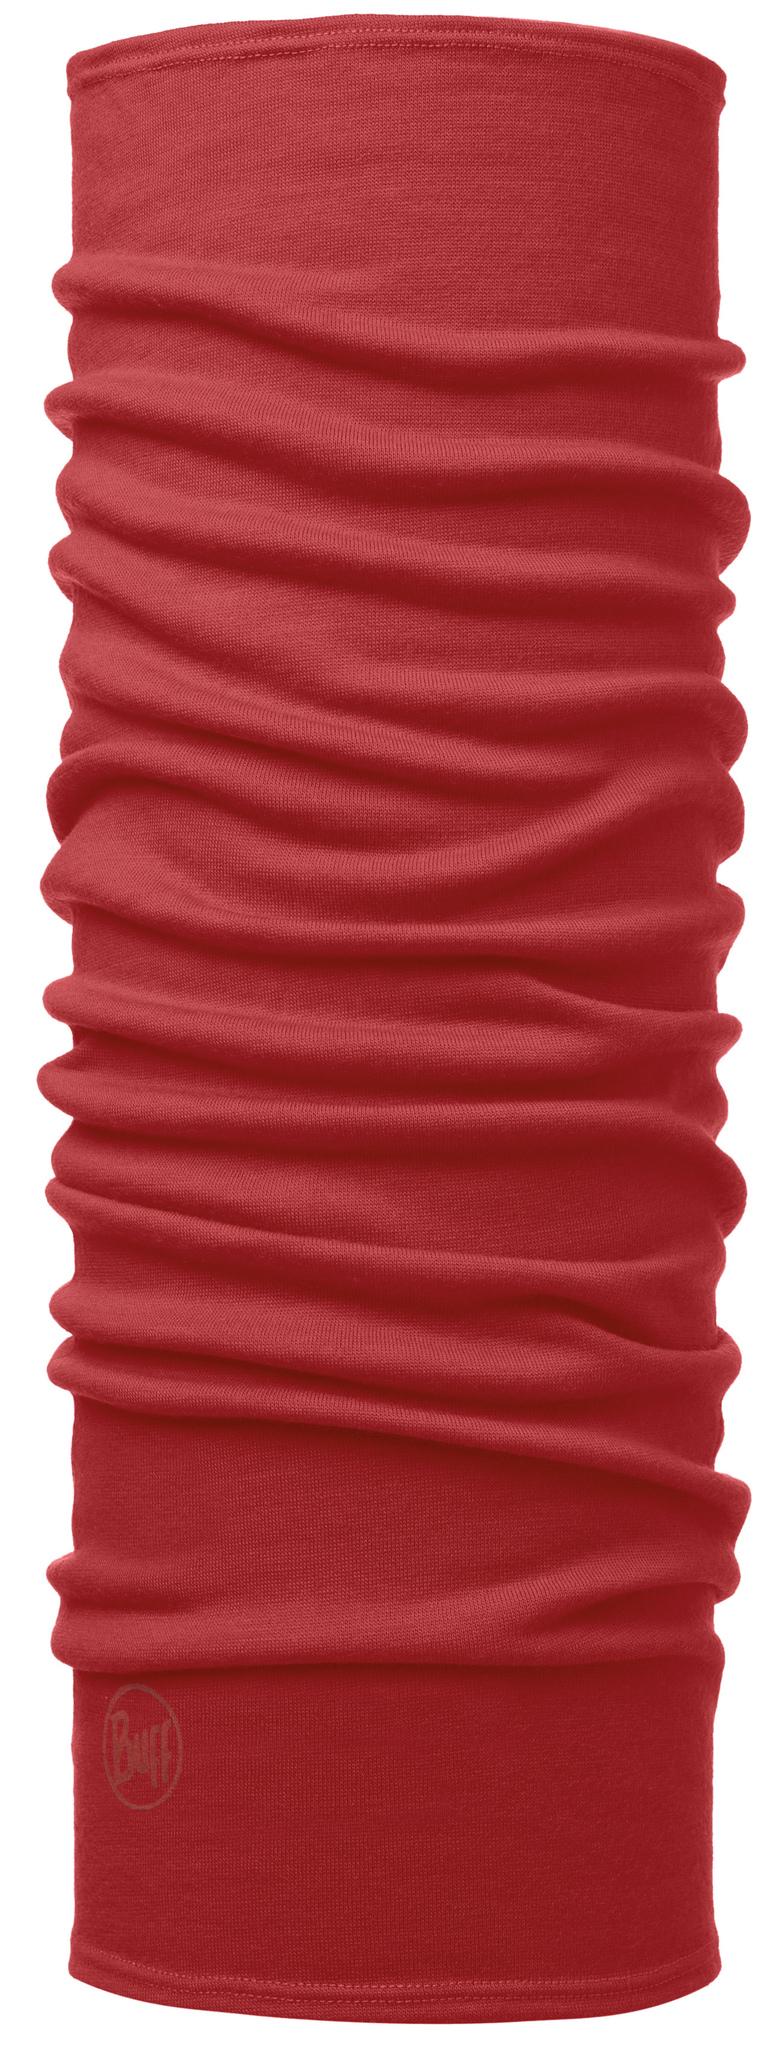 Купить Бандана BUFF MIDWEIGHT MERINO WOOL SOLID CRANBERRY RED, Аксессуары Buff ®, 1307956